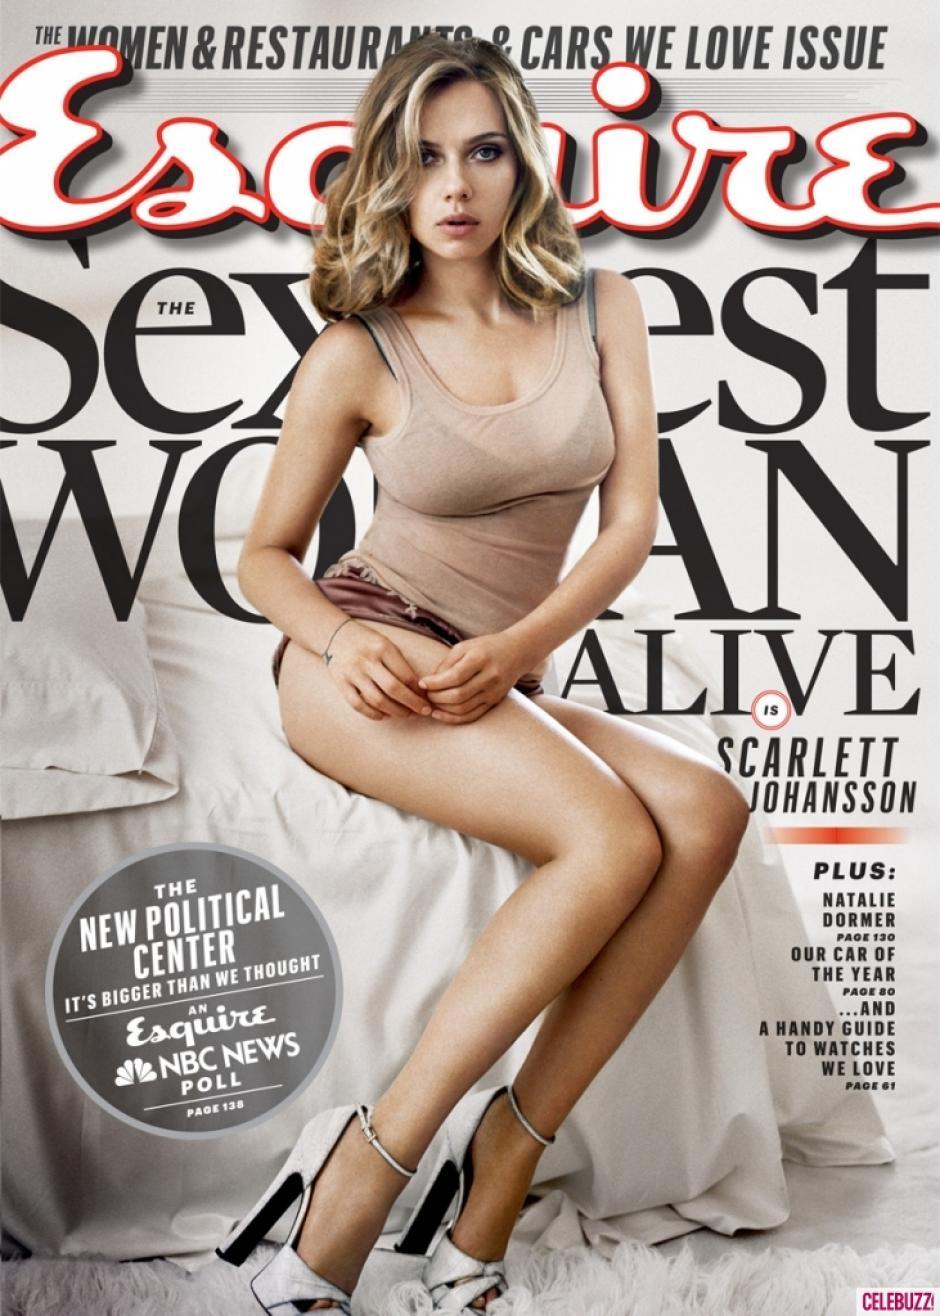 Esta es la portada de la revista estadounidense.